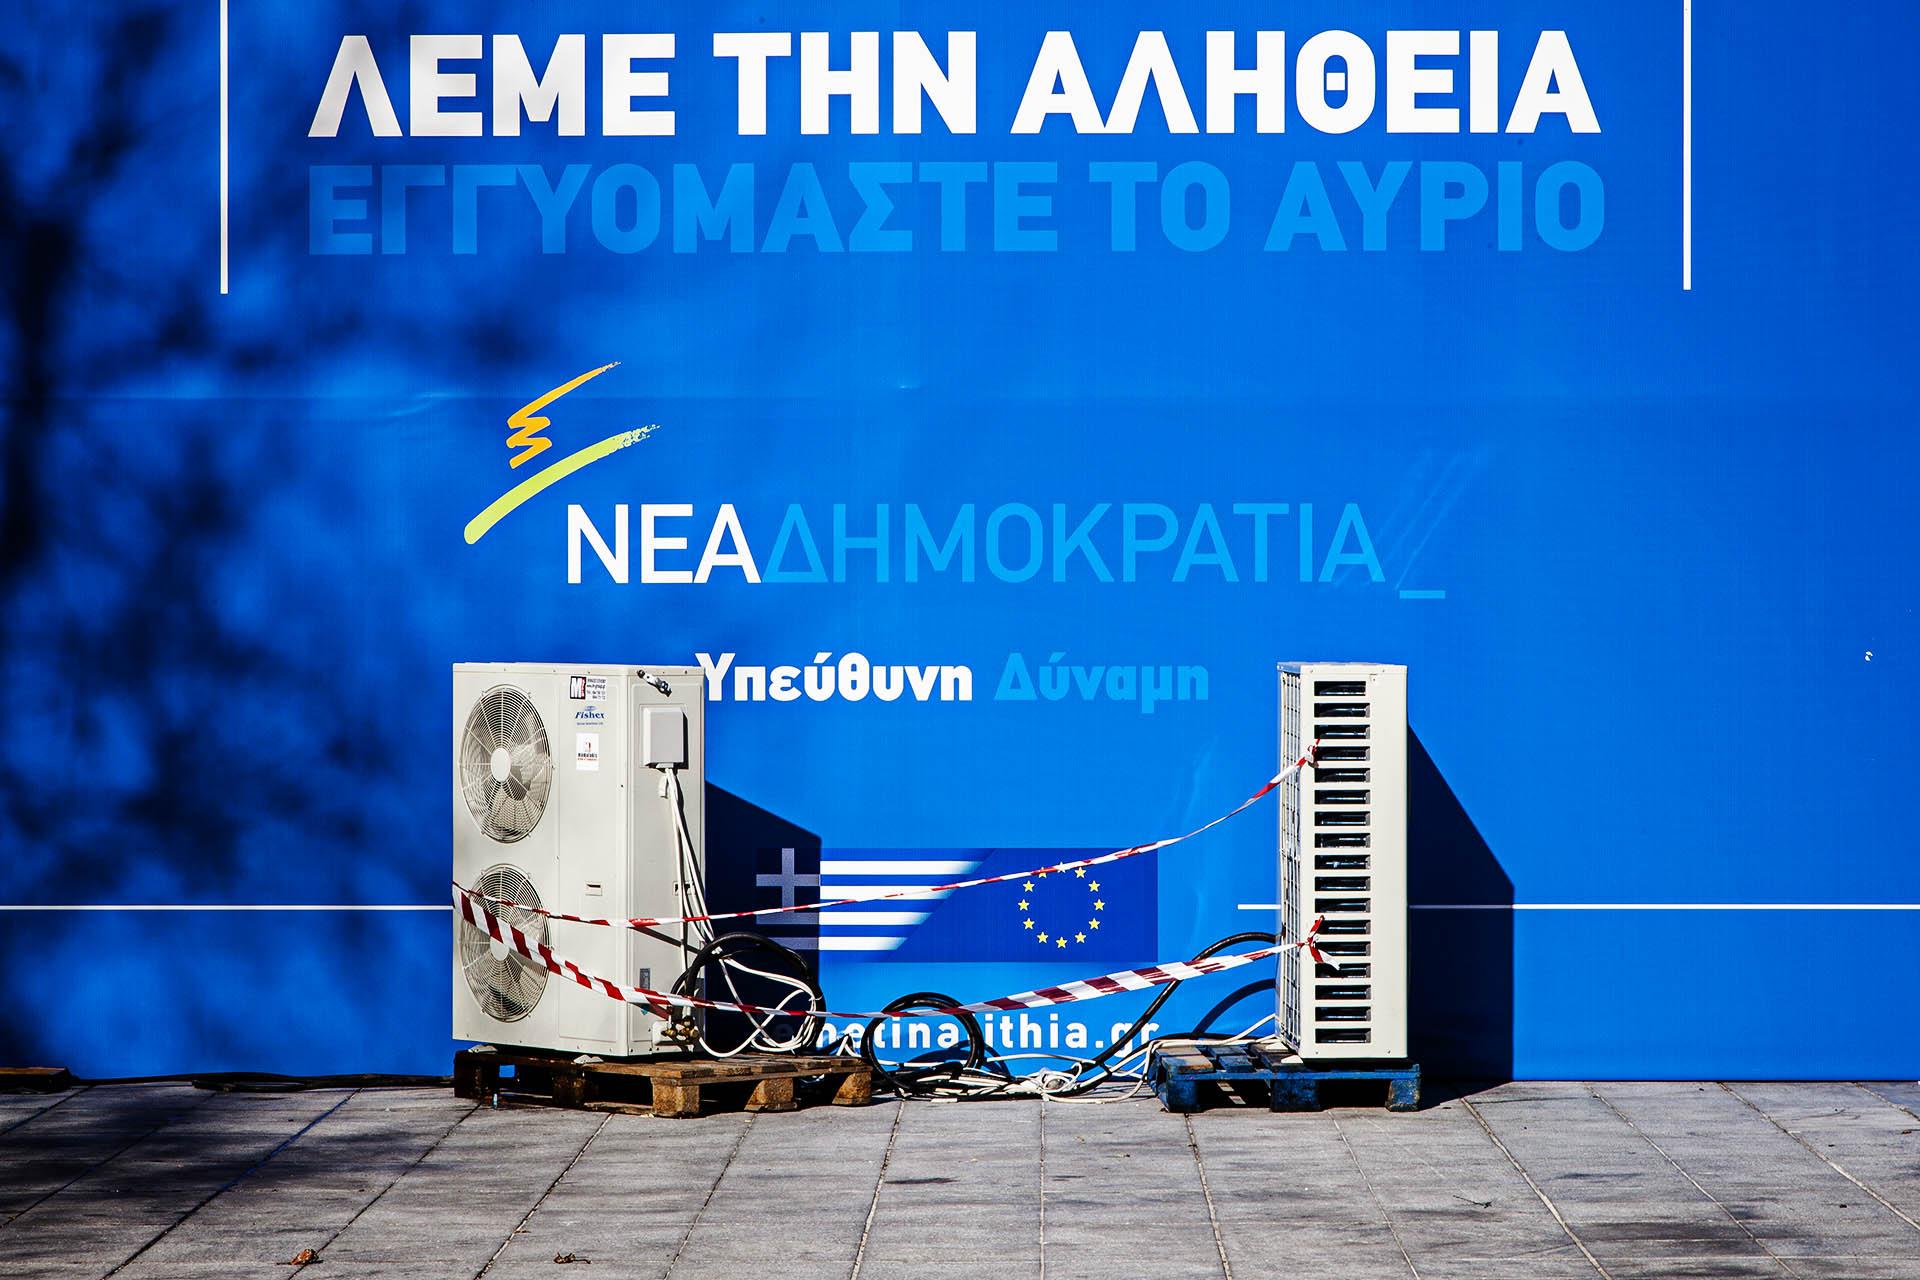 Las relaciones entre Grecia y la UE están más frías que nunca